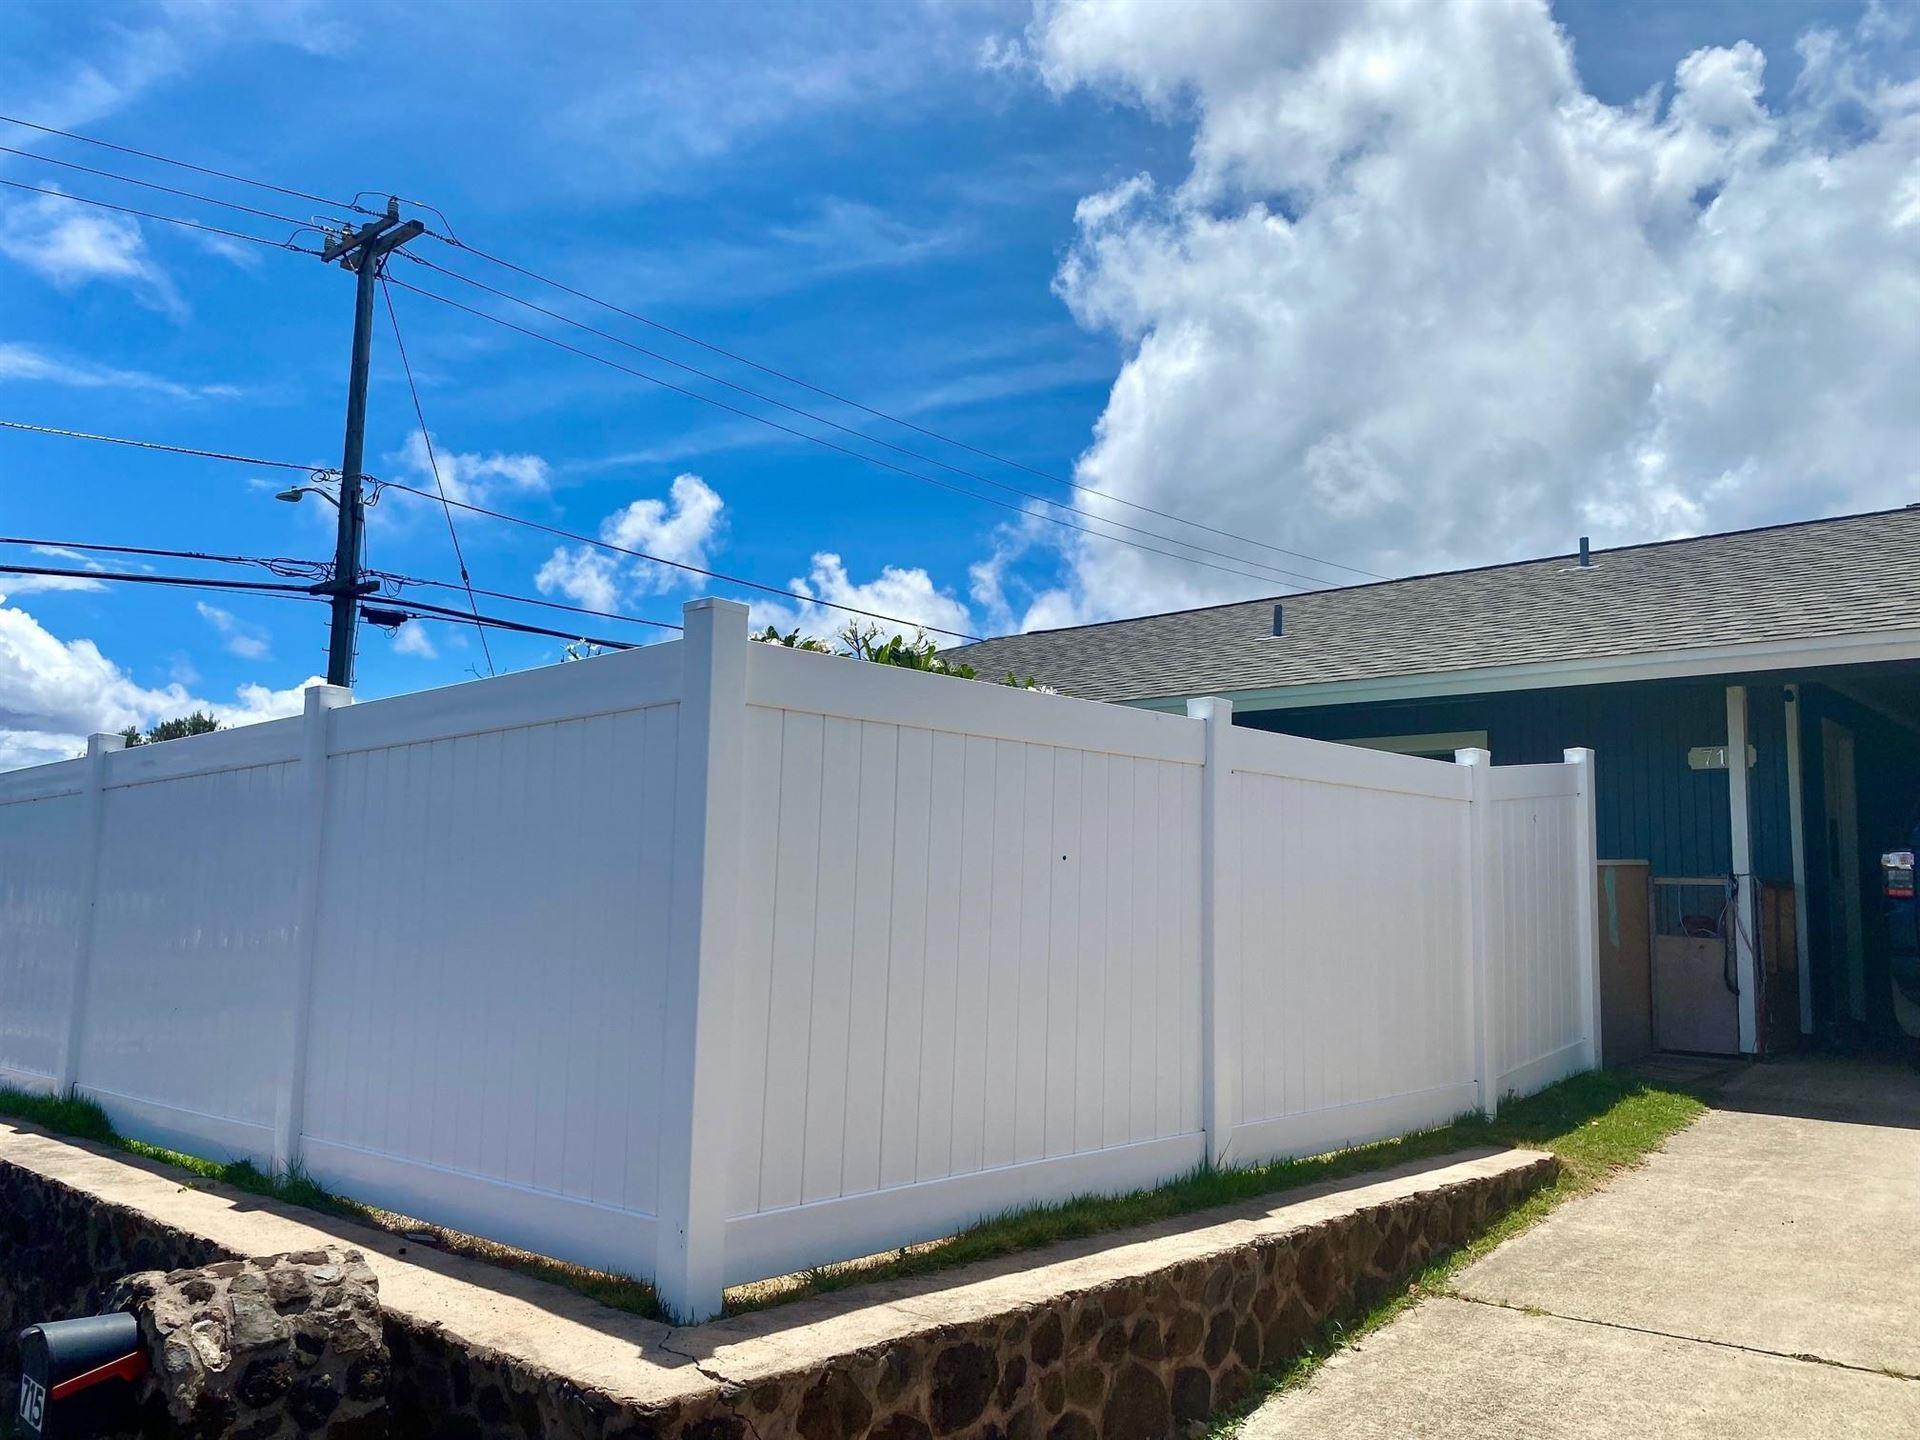 Photo of 715 Kilihau St, Wailuku, HI 96793 (MLS # 392976)